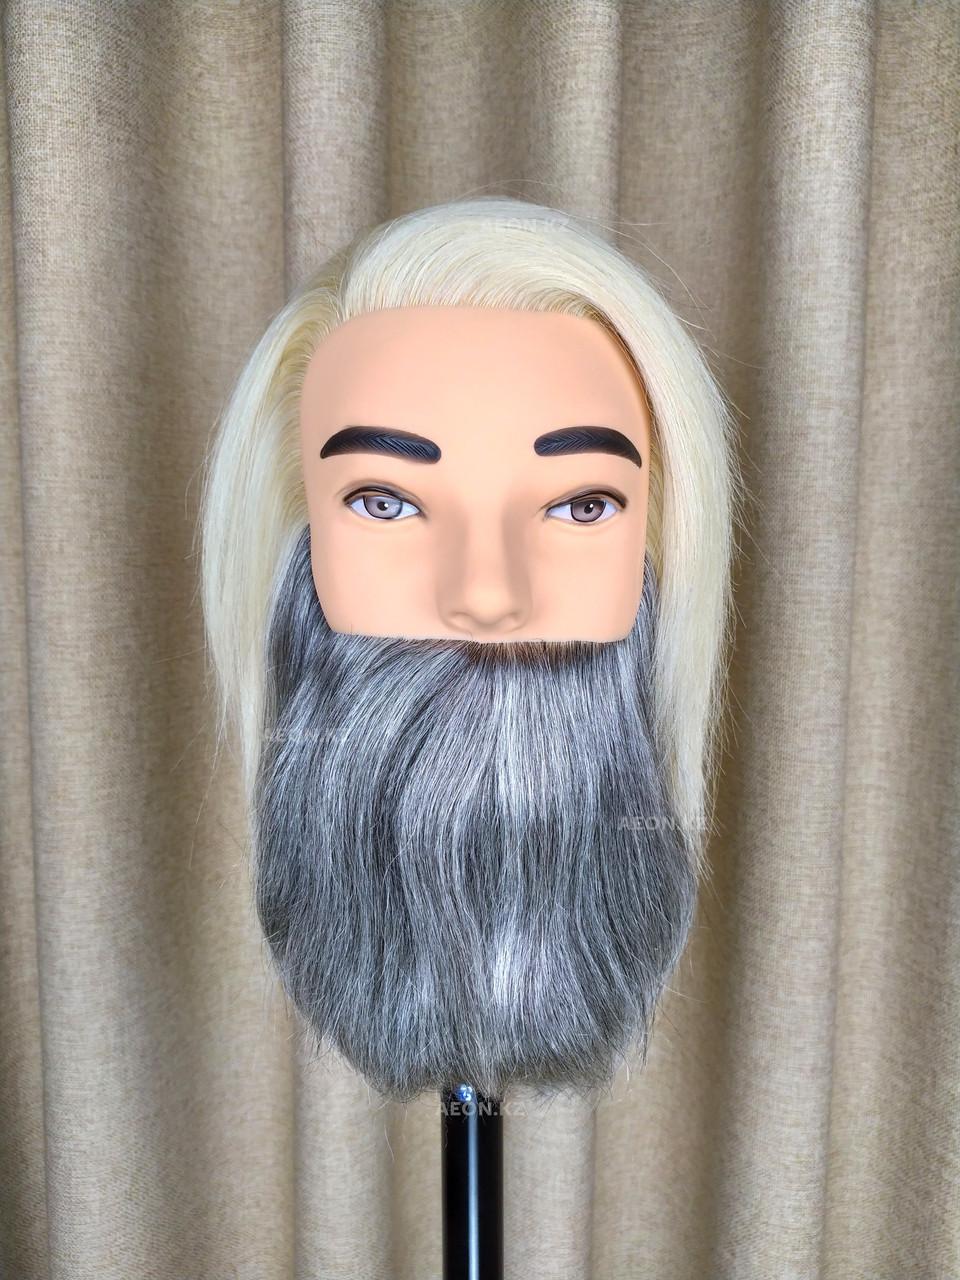 Голова-манекен мужской с бородой блонд волос (100%)  - 40 см